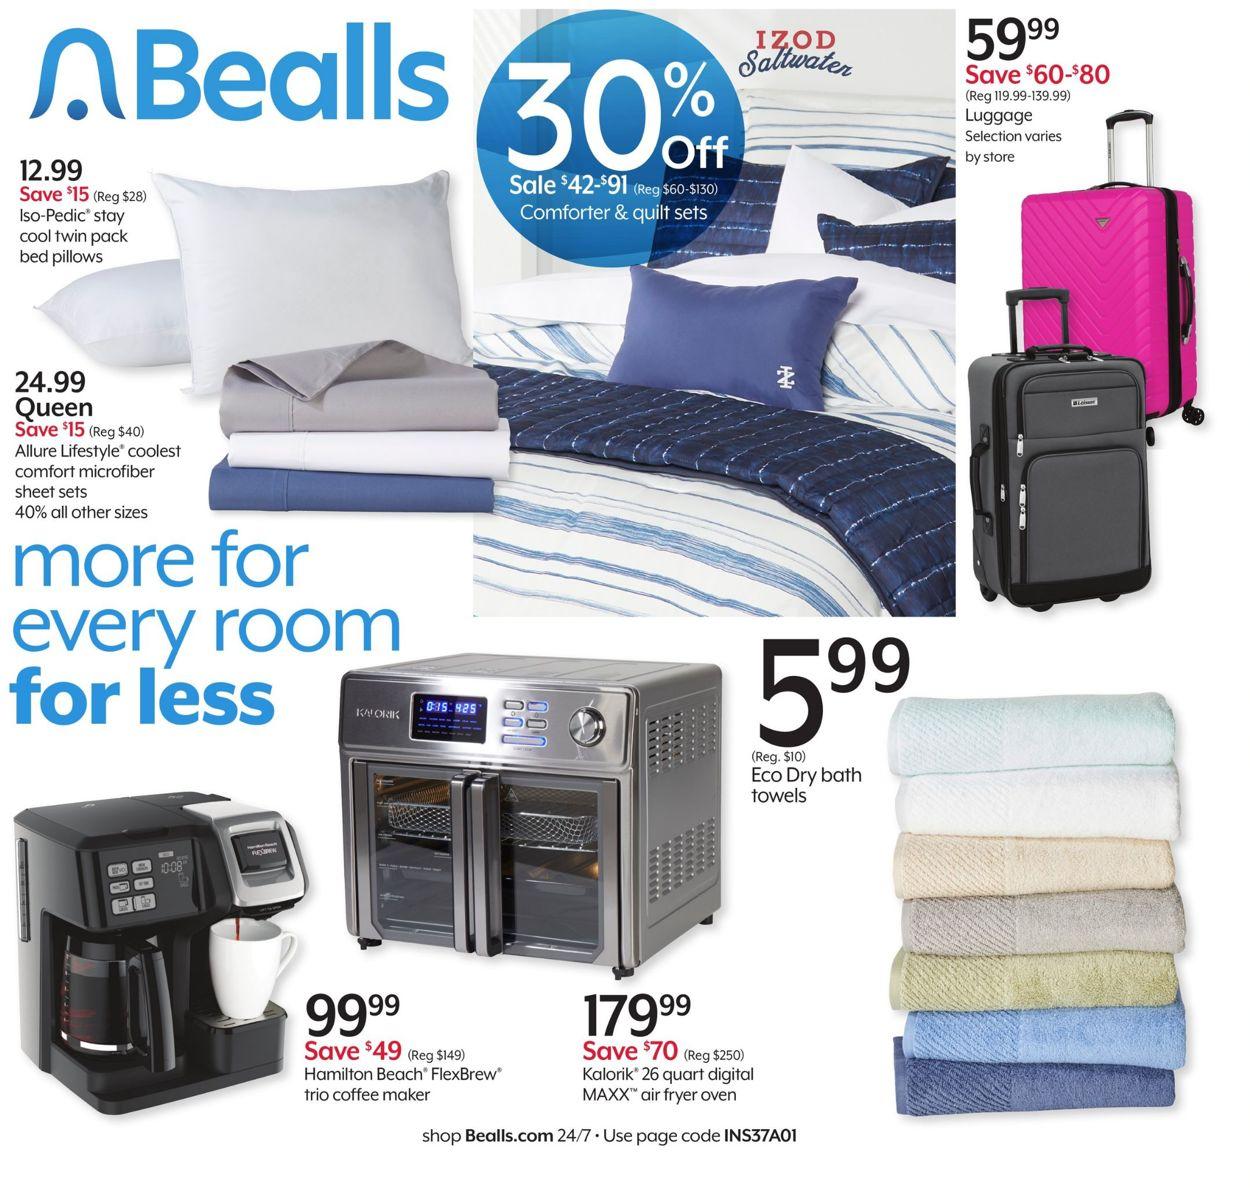 Bealls Florida Weekly Ad Circular - valid 03/31-04/06/2021